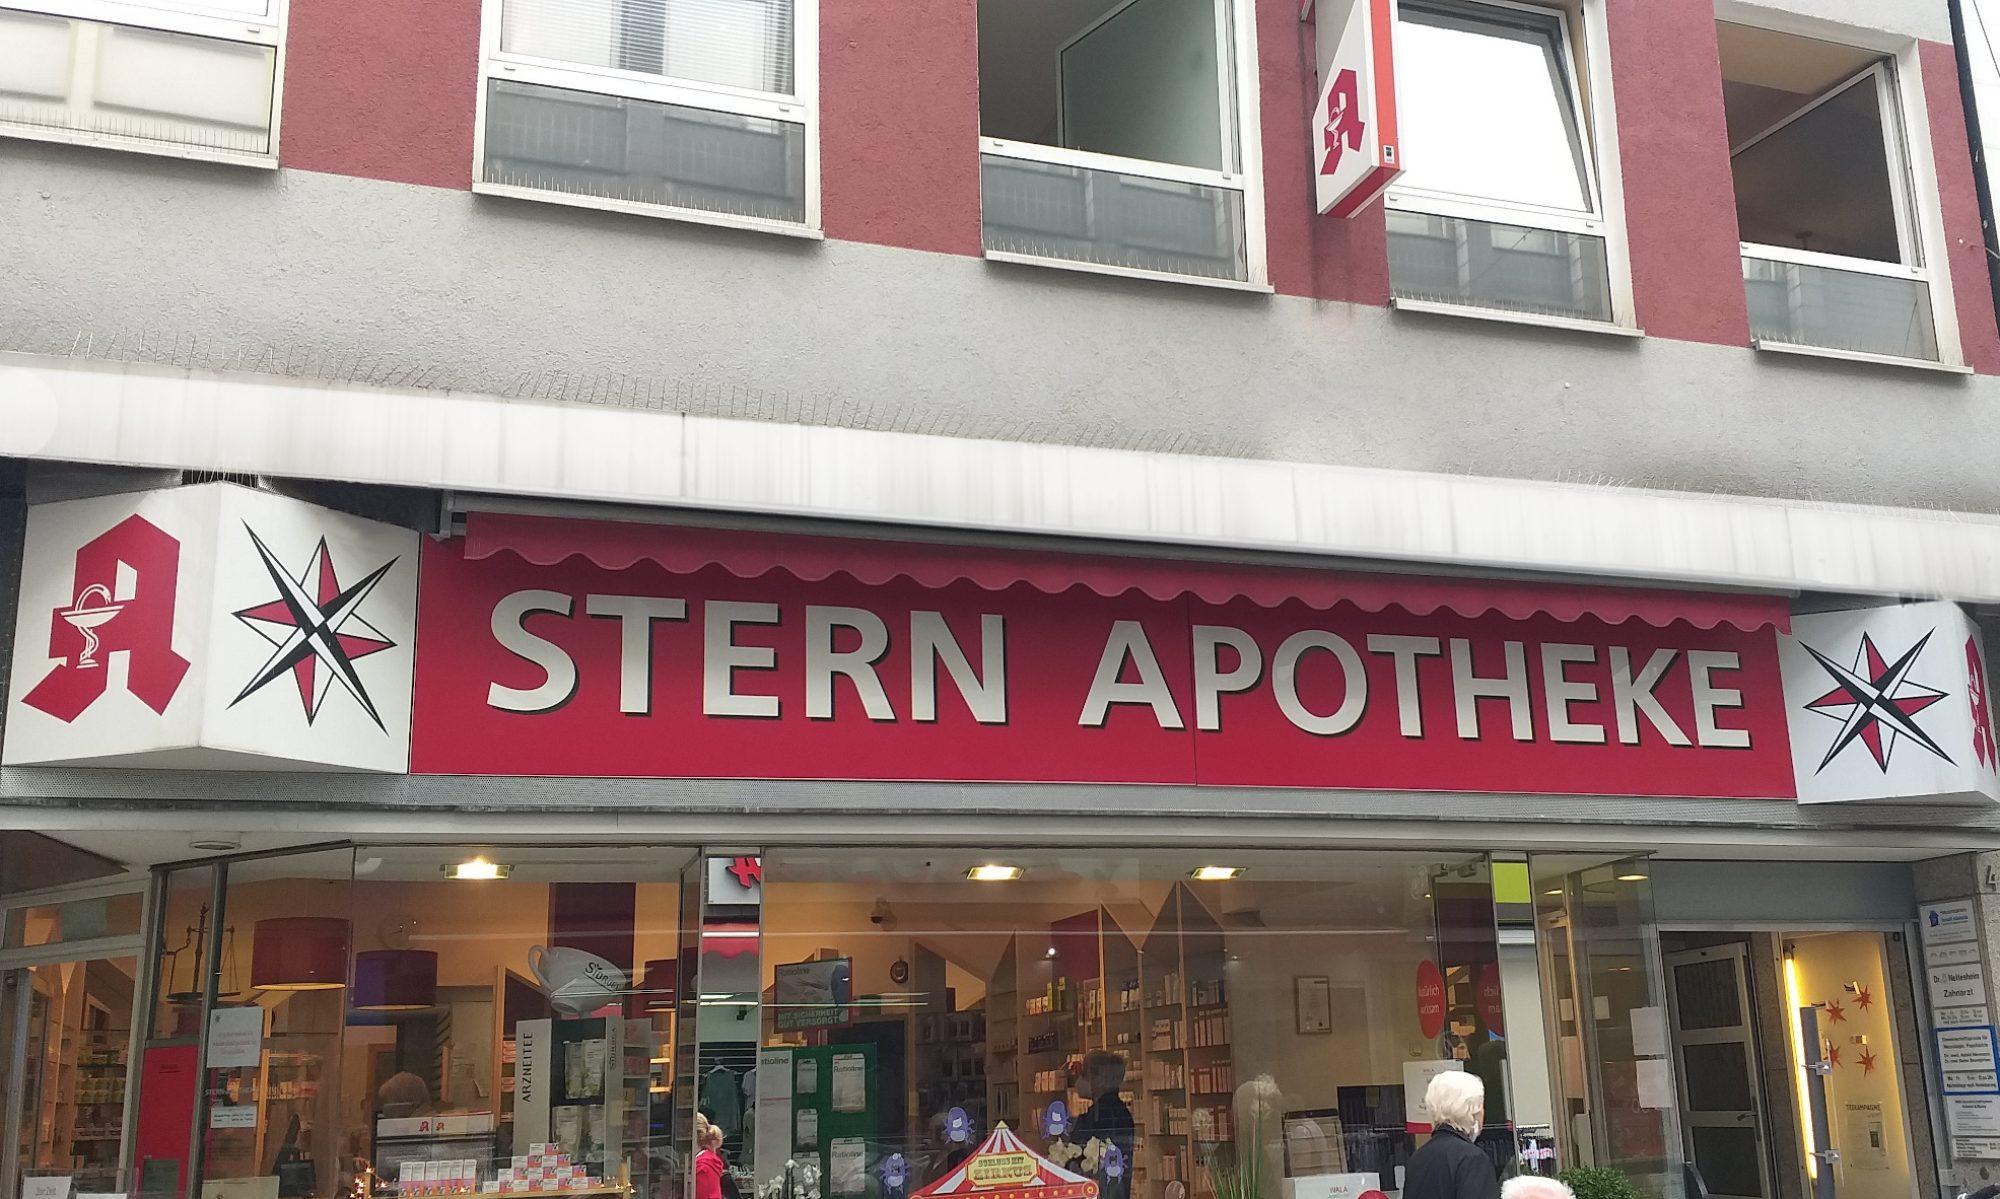 Stern Apotheke Wuppertal